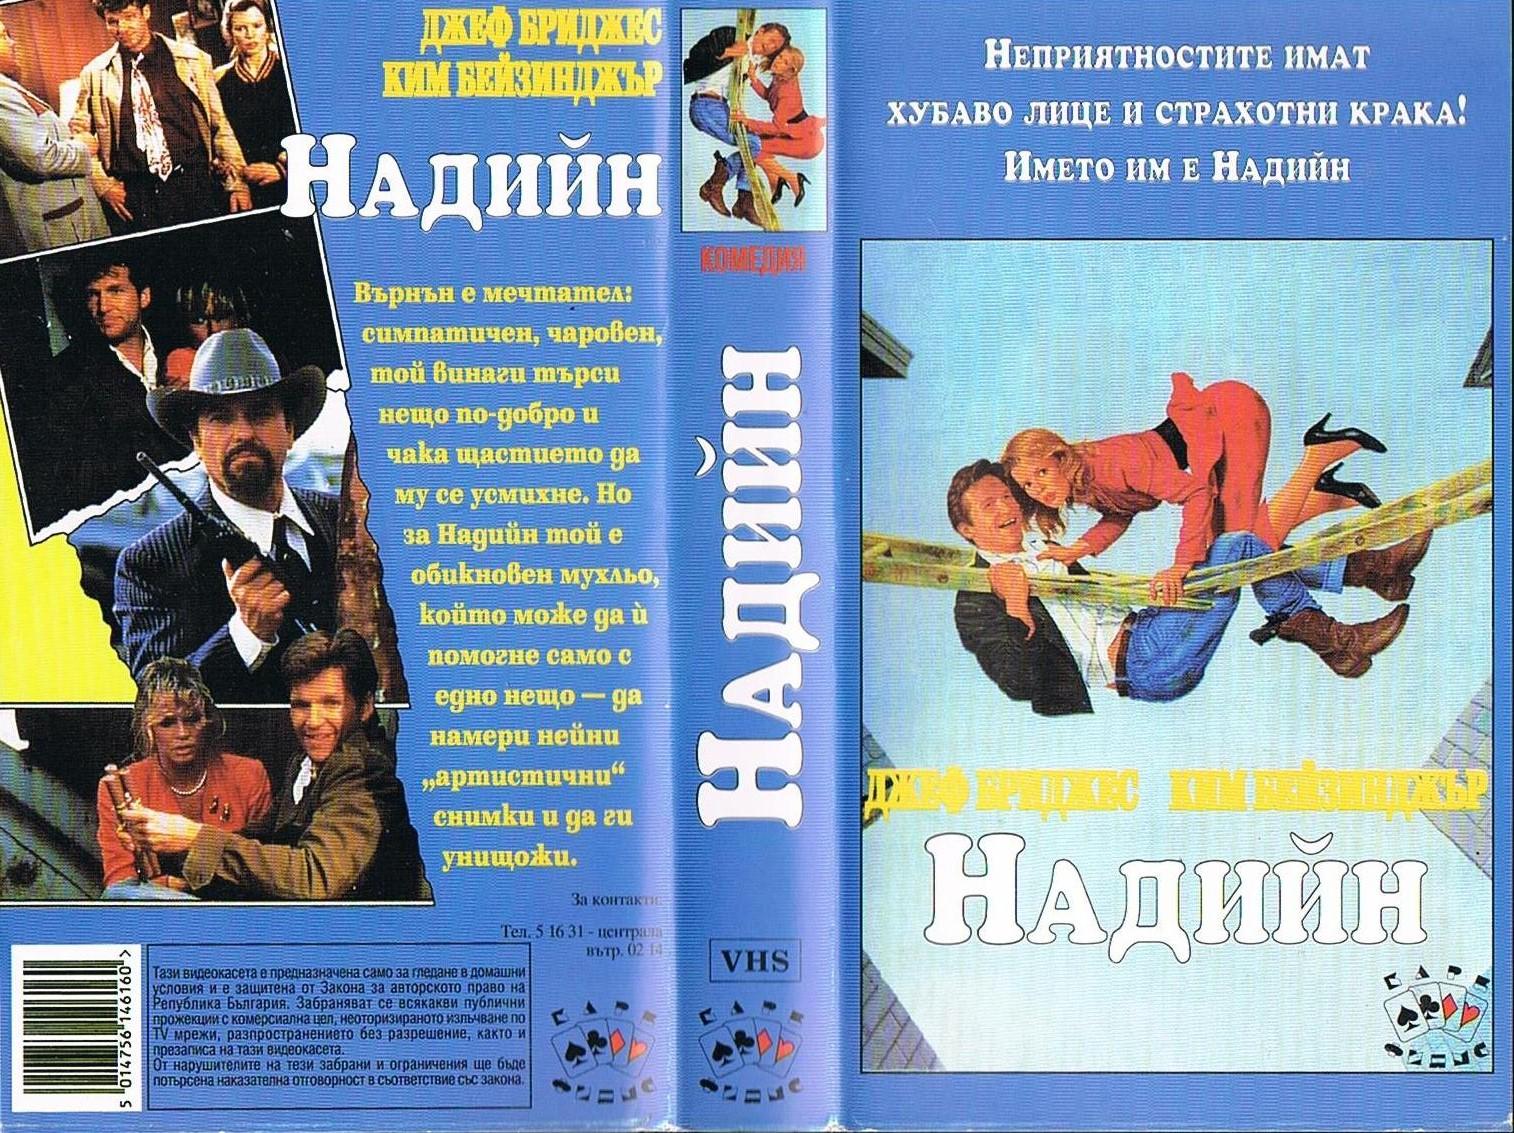 Надийн филм постер